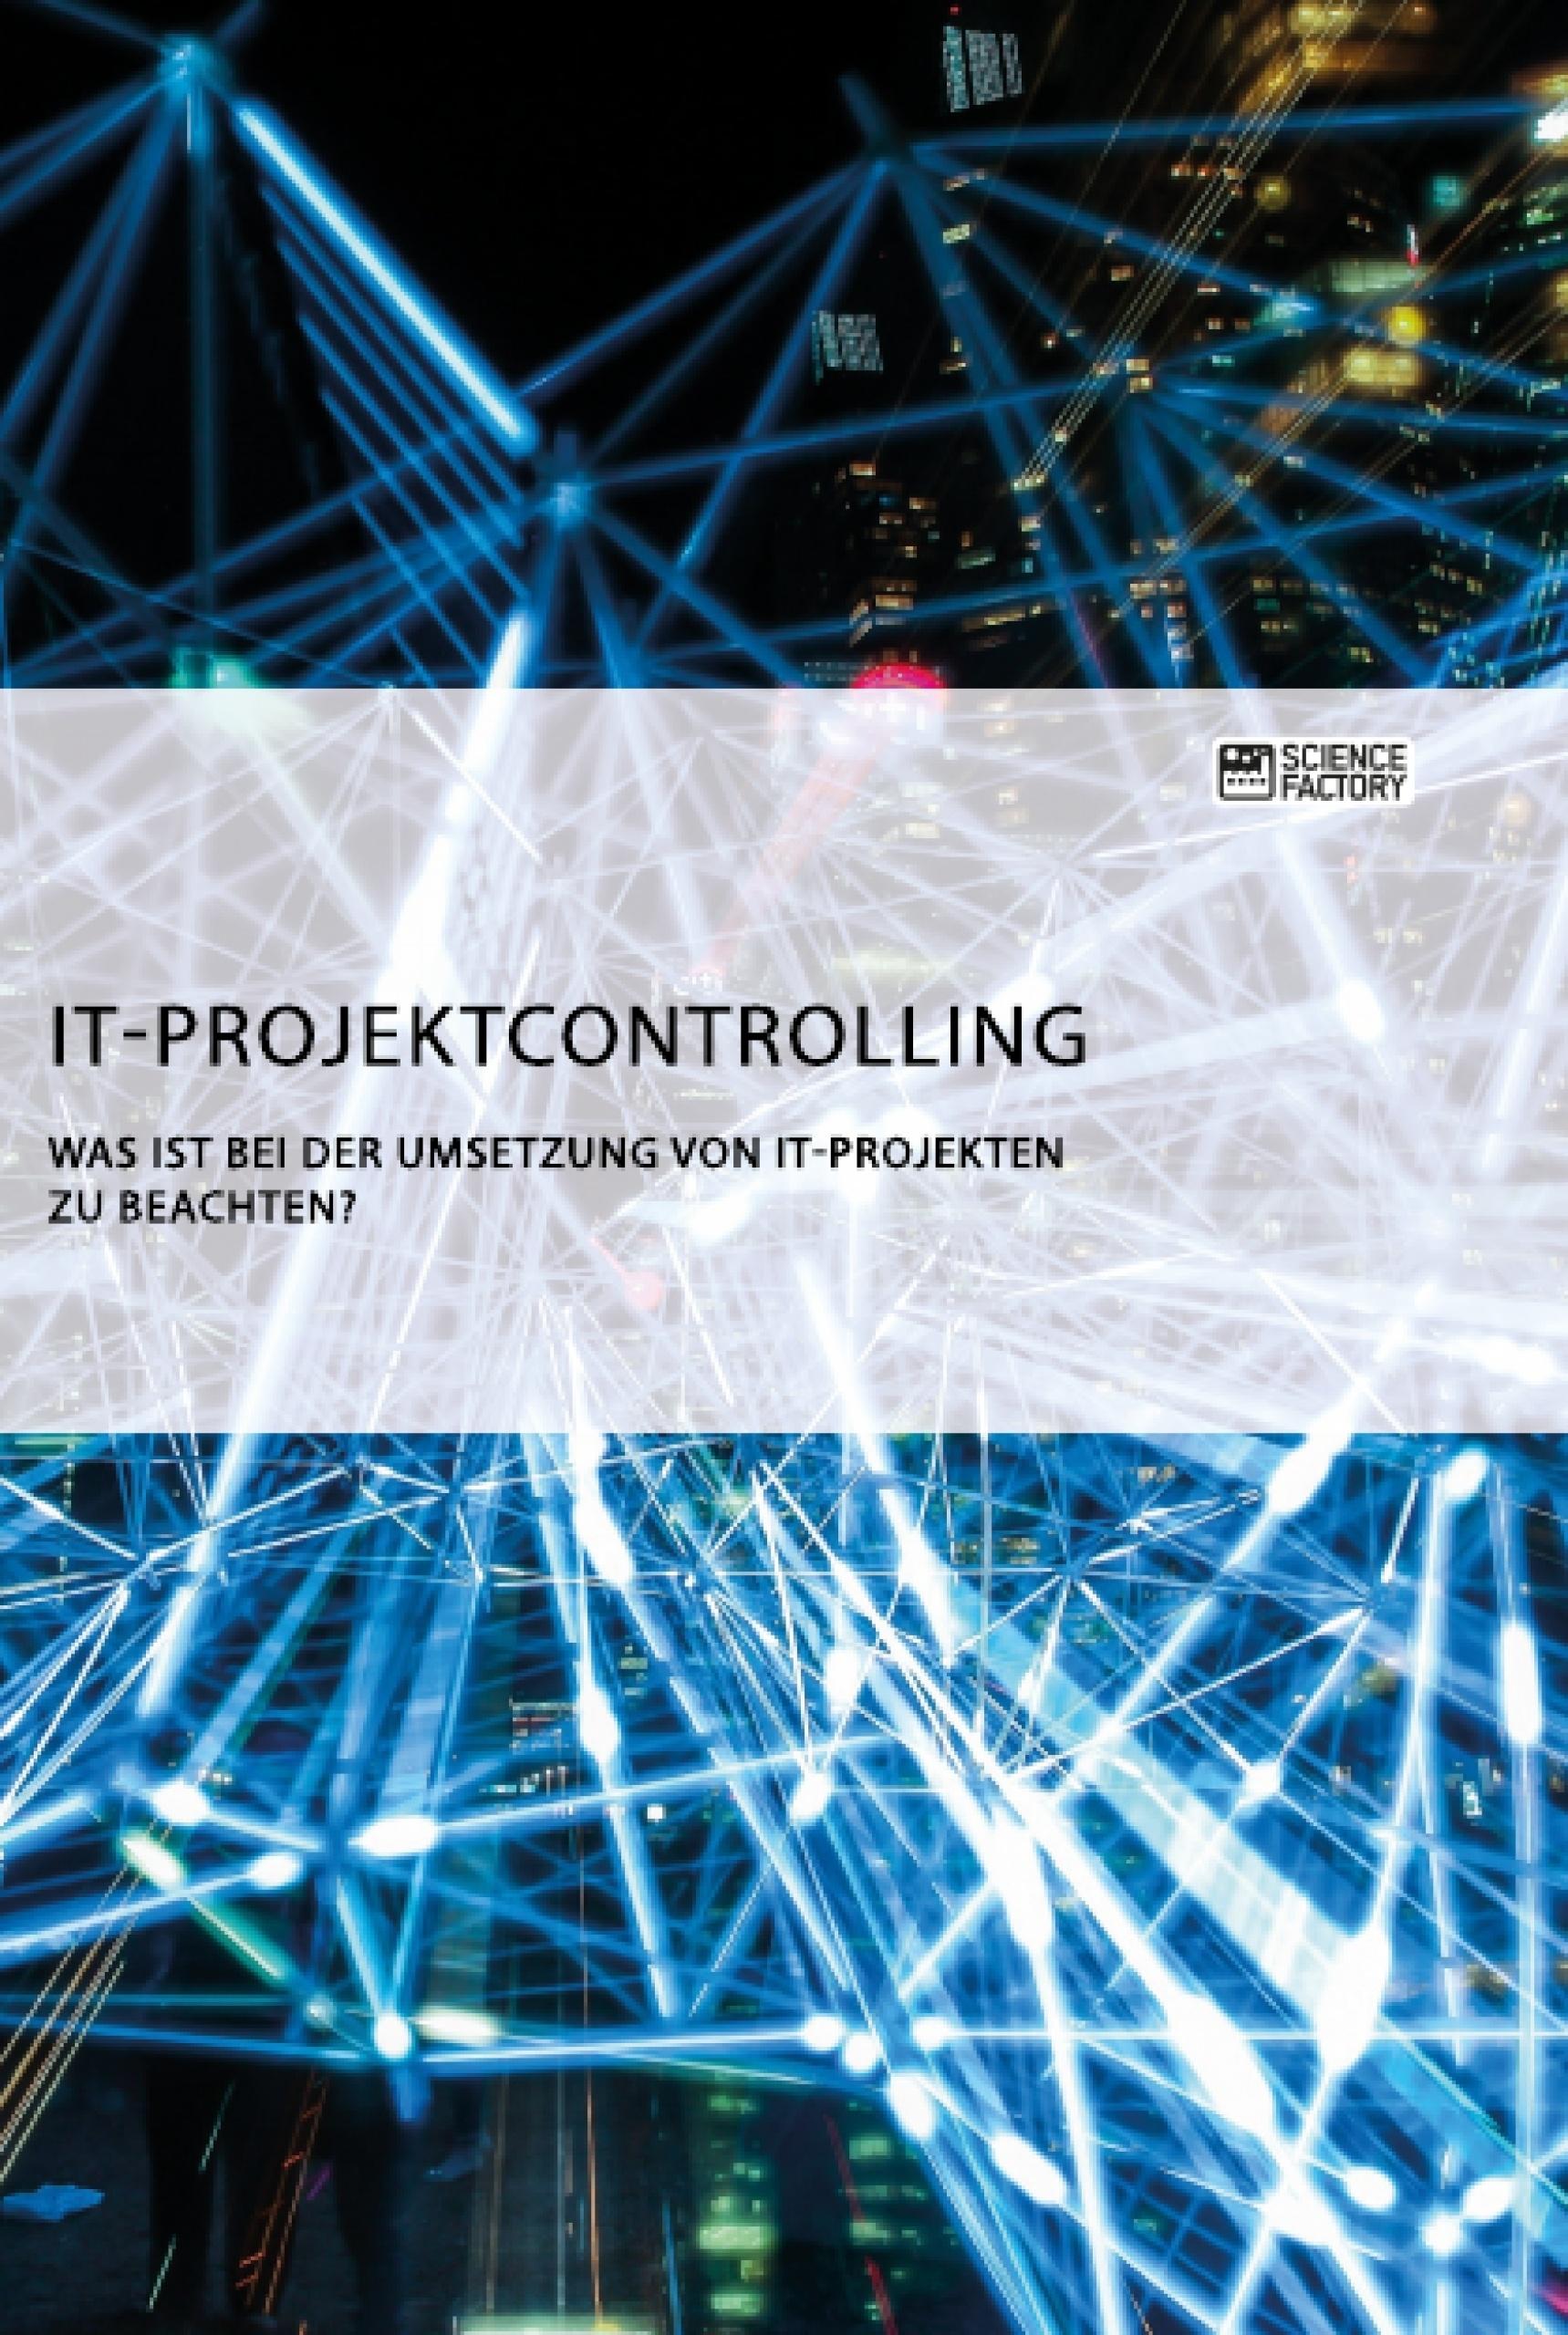 Titel: IT-Projektcontrolling. Was ist bei der Umsetzung von IT-Projekten zu beachten?